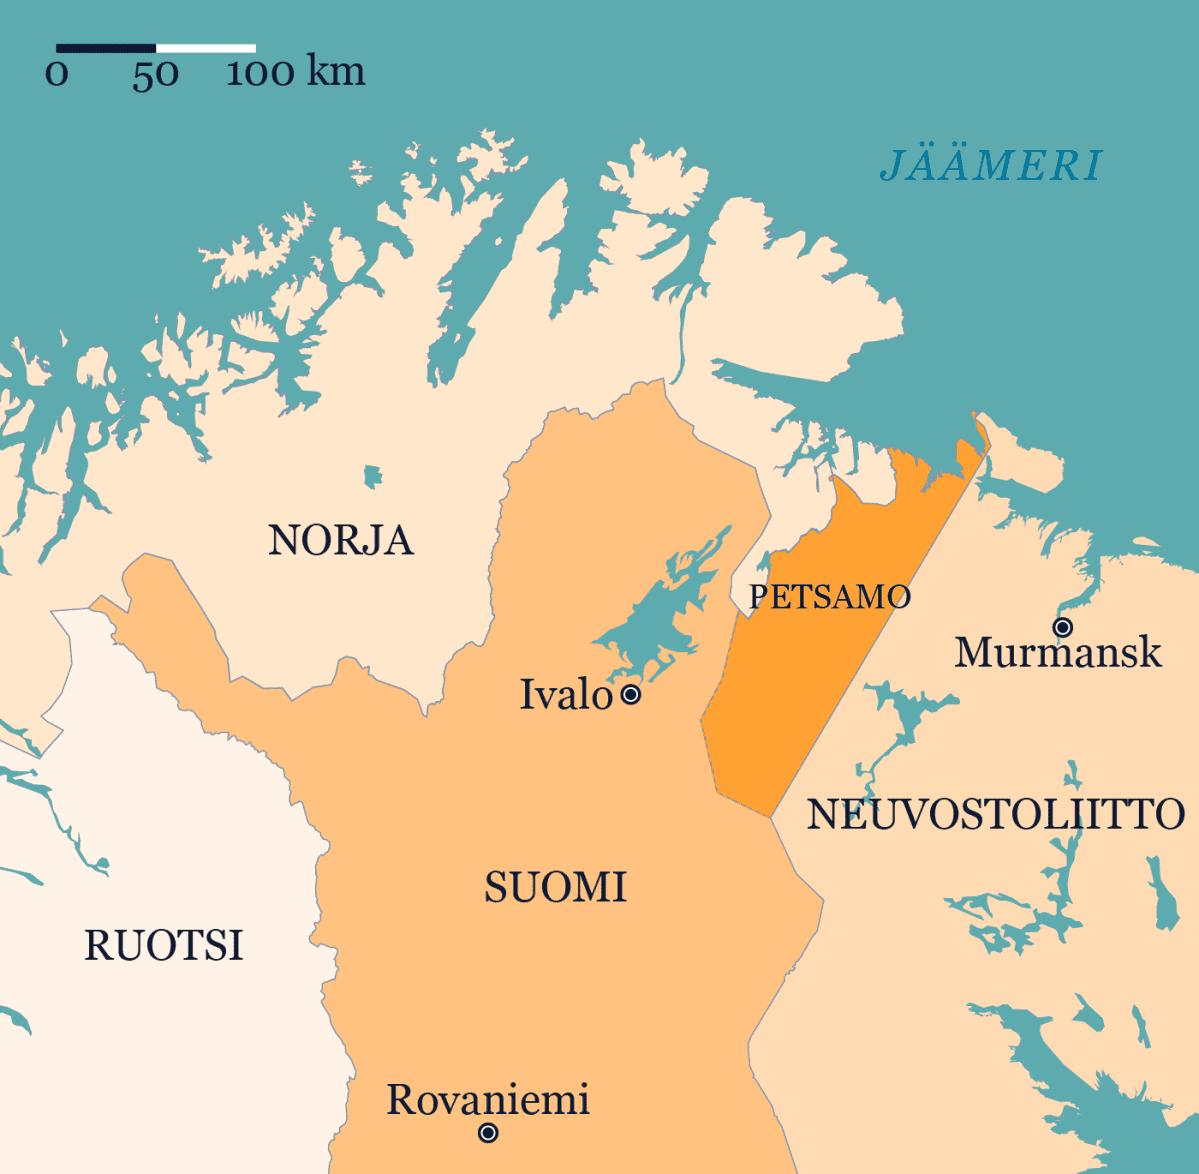 Kartalla vuosina 1920-1944 Suomeen kuulunut Petsamon alue.